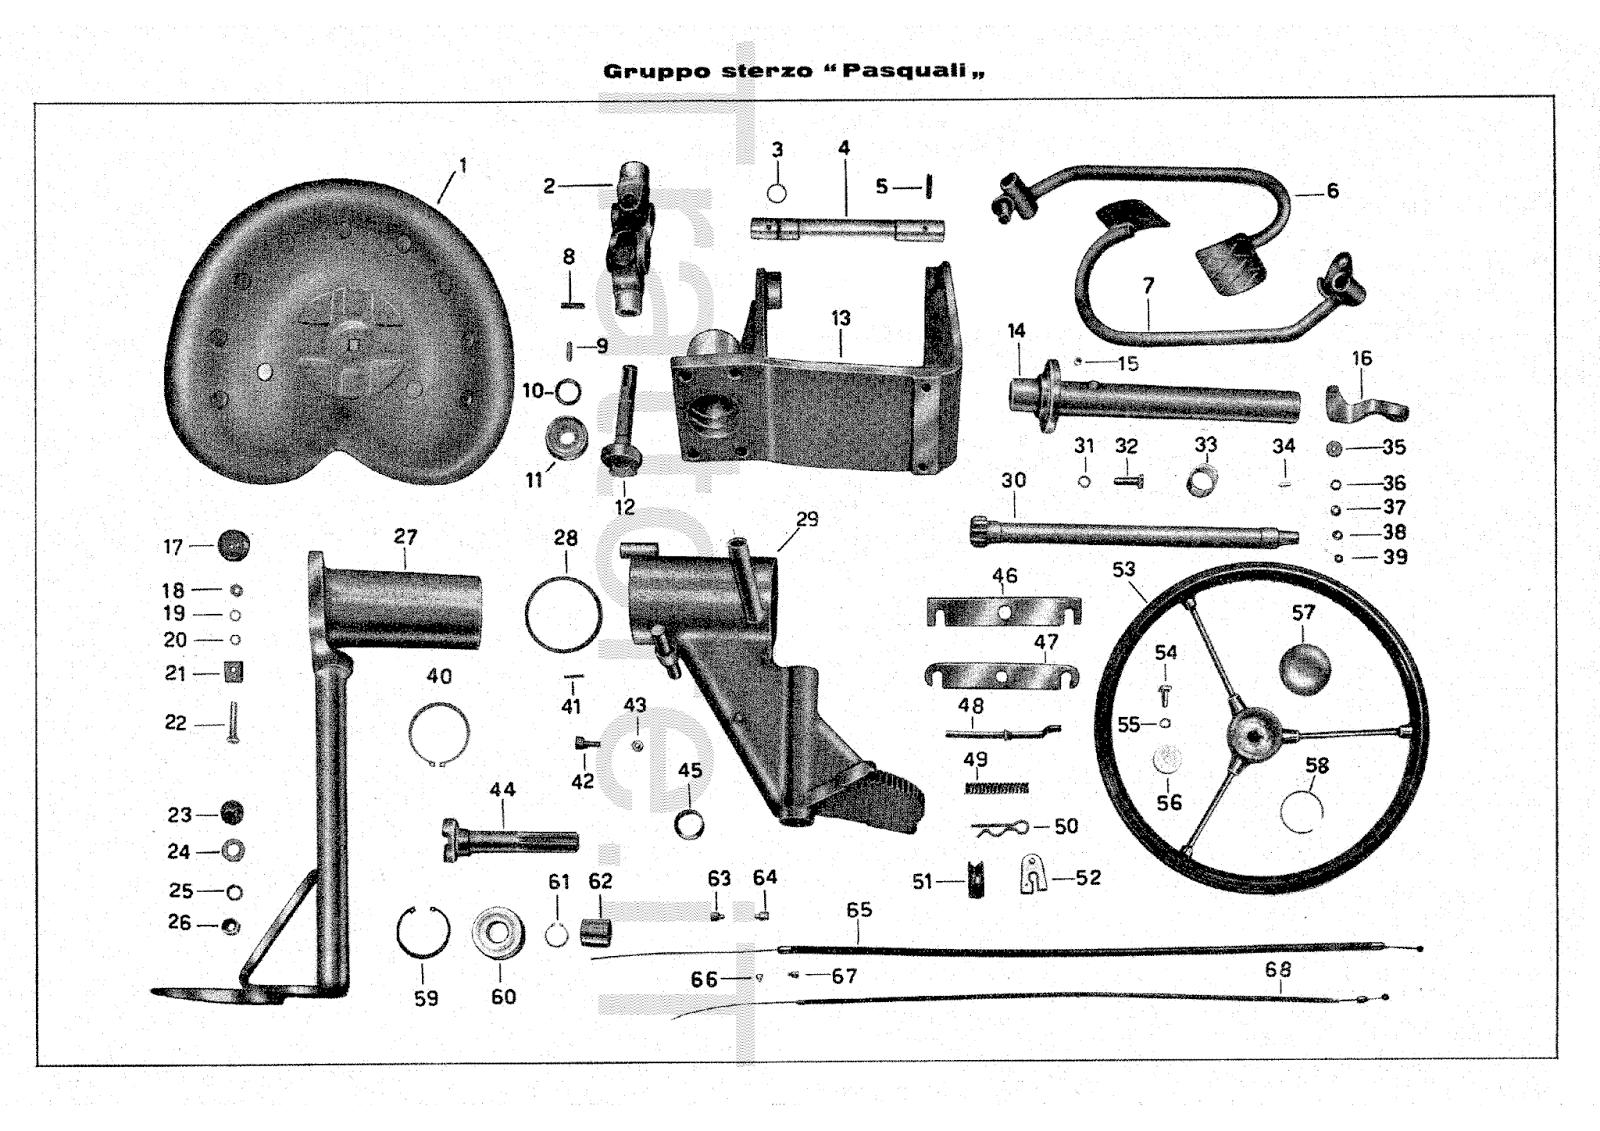 InfoTrattore.it: Gruppo sterzo Pasquali RP manuale ricambi